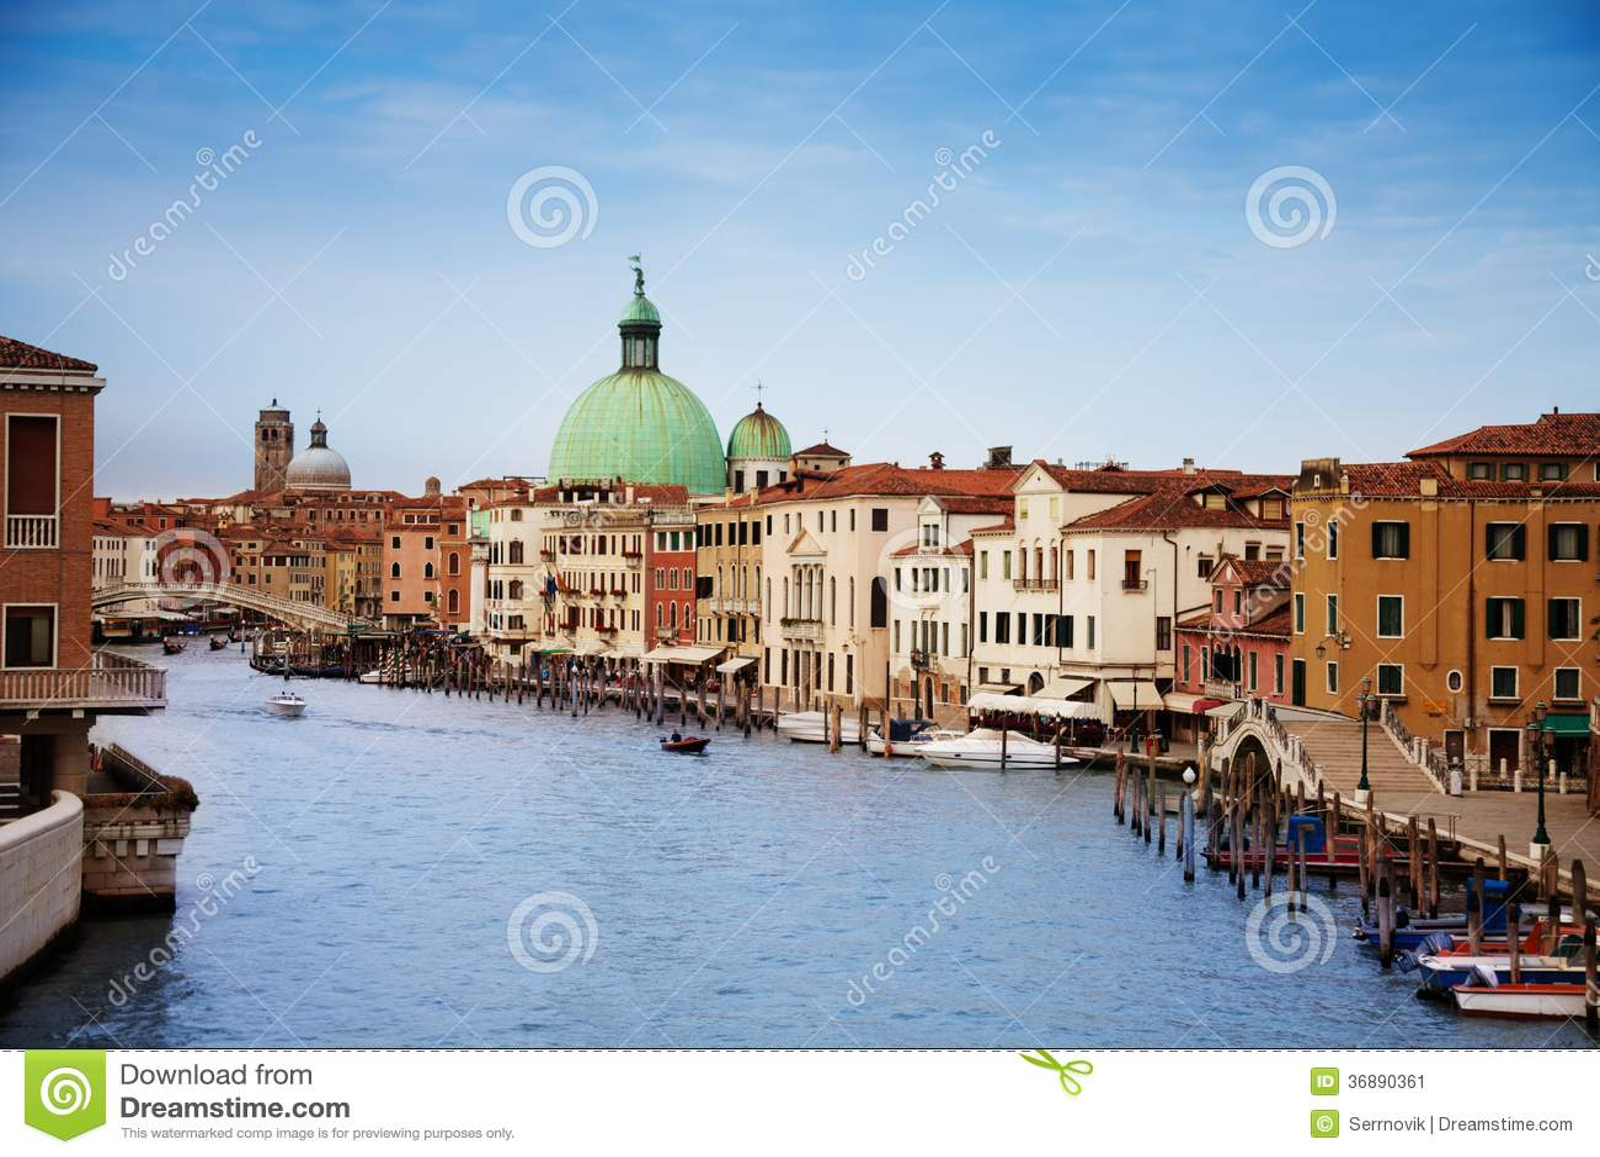 Download San Simeone Piccolo immagine stock. Immagine di gondola - 36890361